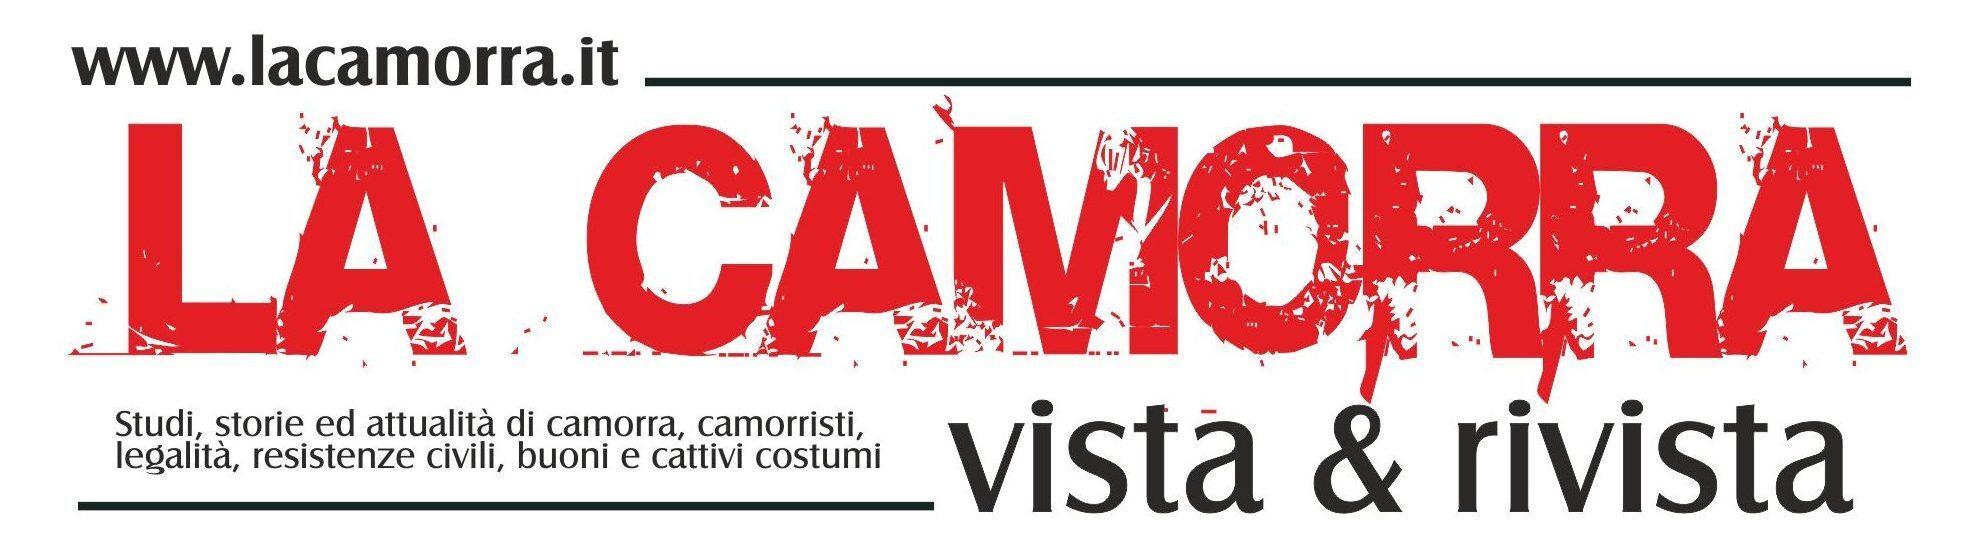 lacamorra.it